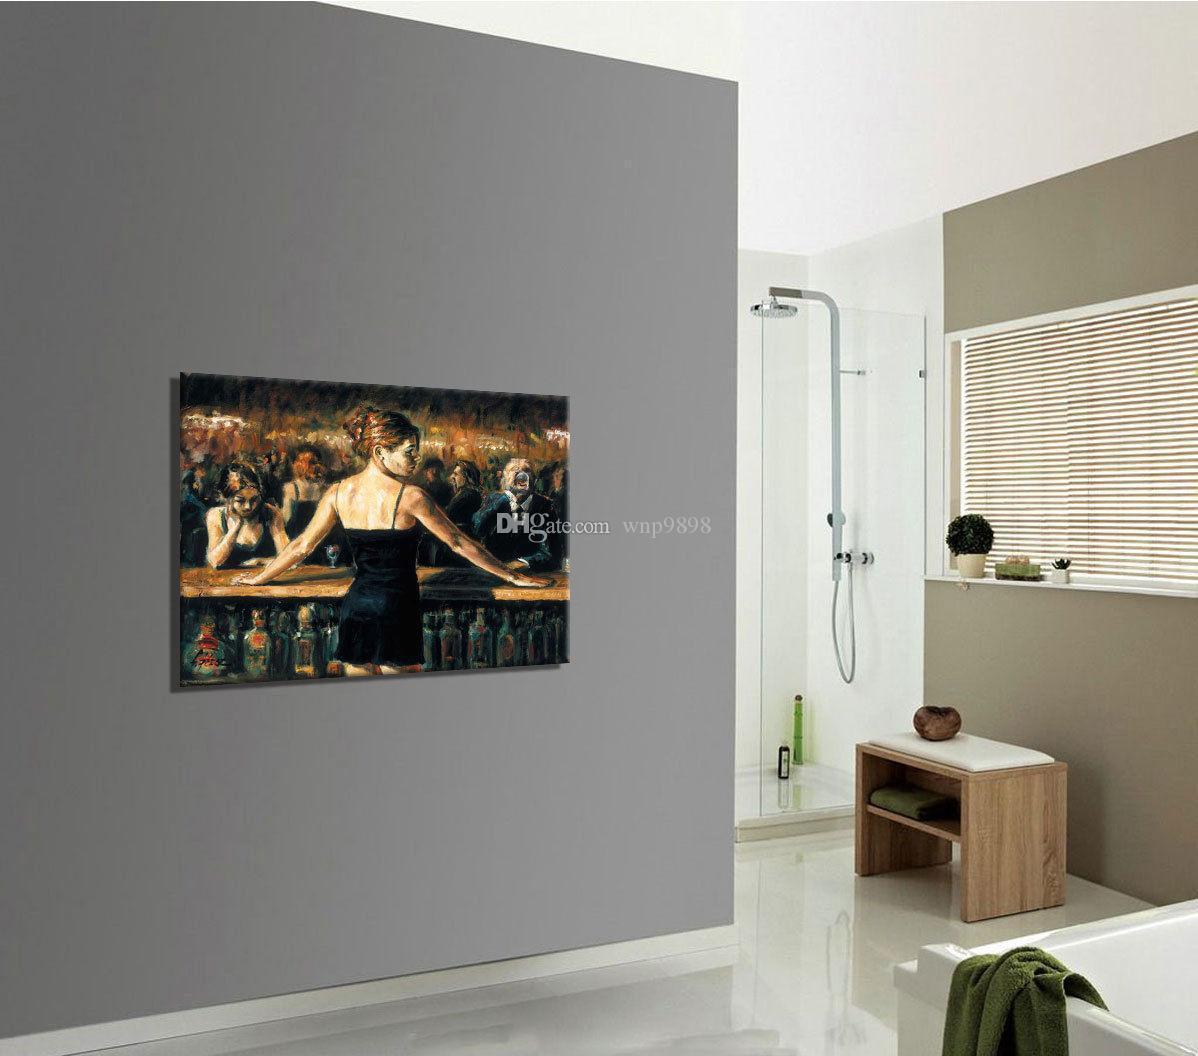 a023 # Barmen Fabian Perez Handpainted HD Baskılı Portre Sanat Yağ Yüksek Kalite Kanvas Duvar Sanatı Ev Dekorasyonu Çoklu Boyut p181 On Boyama tarafından